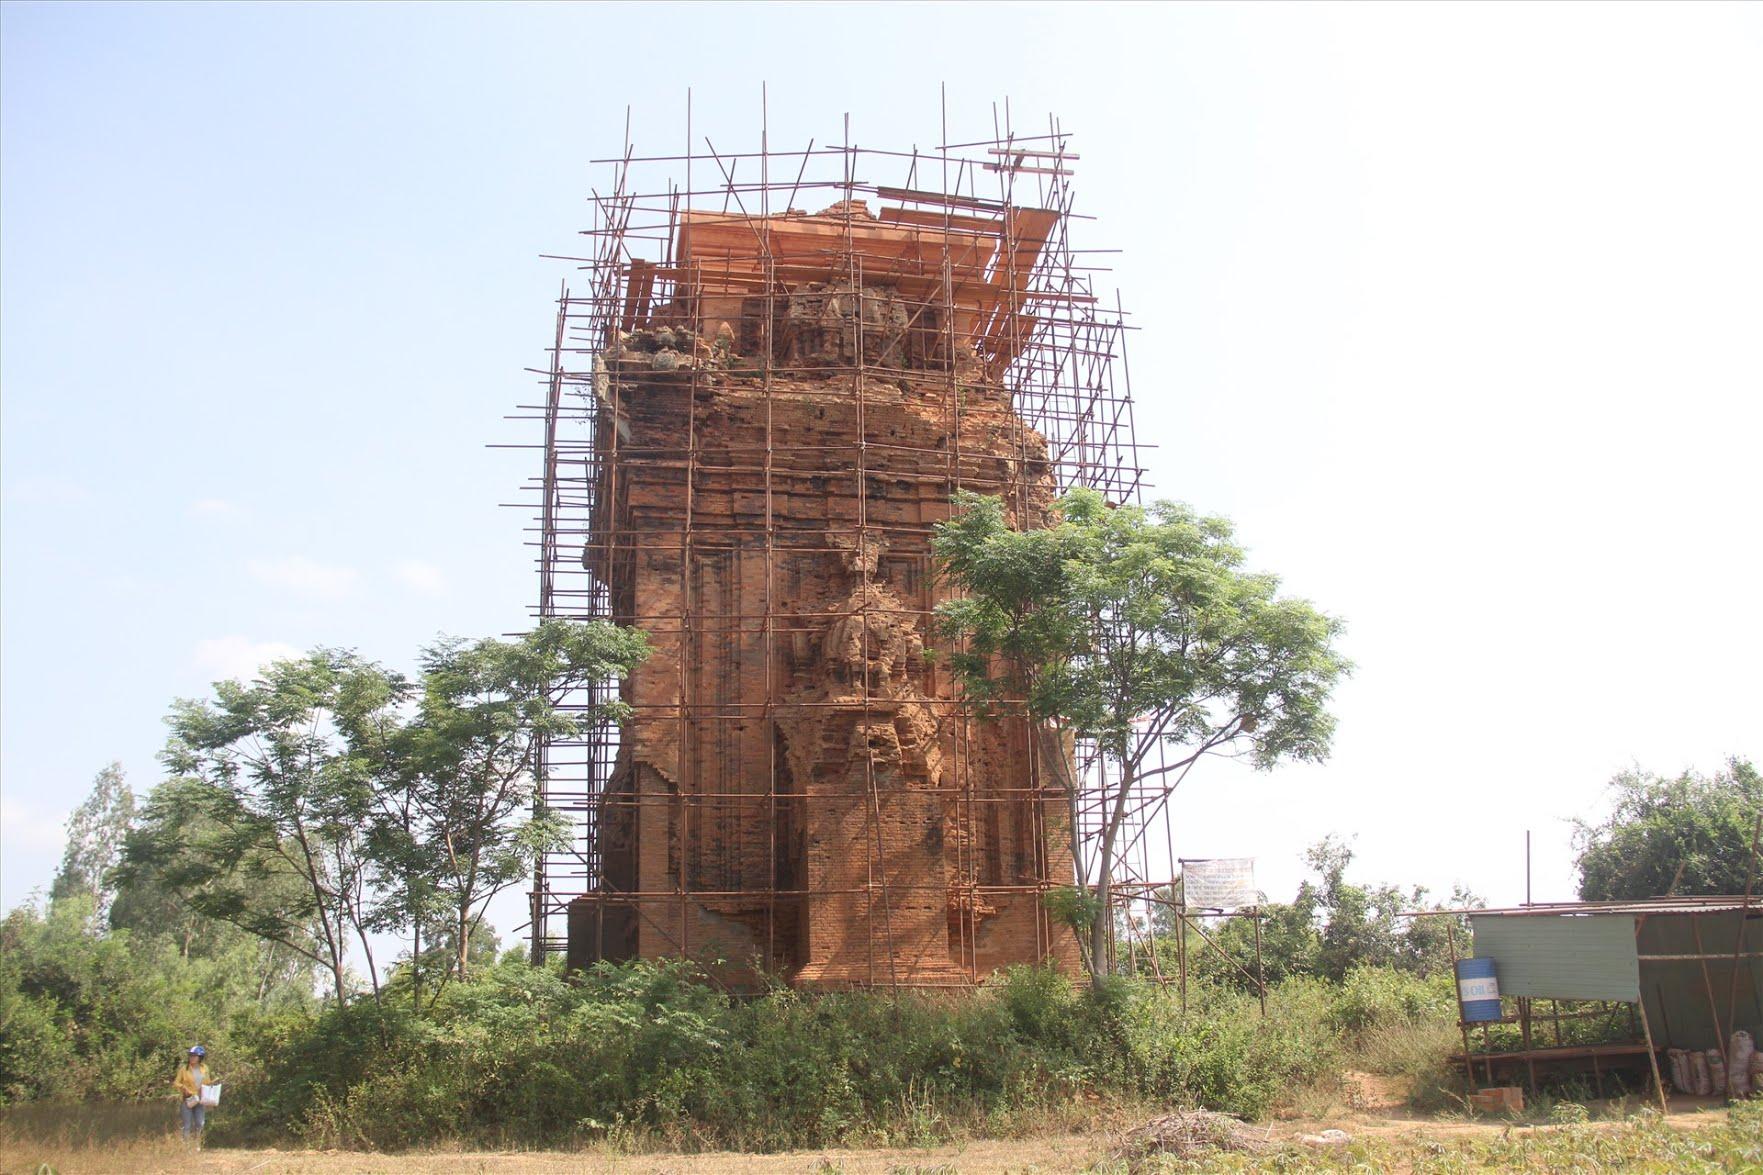 Di sản tháp Chăm 900 tuổi ở Bình Định xuống cấp nghiêm trọng